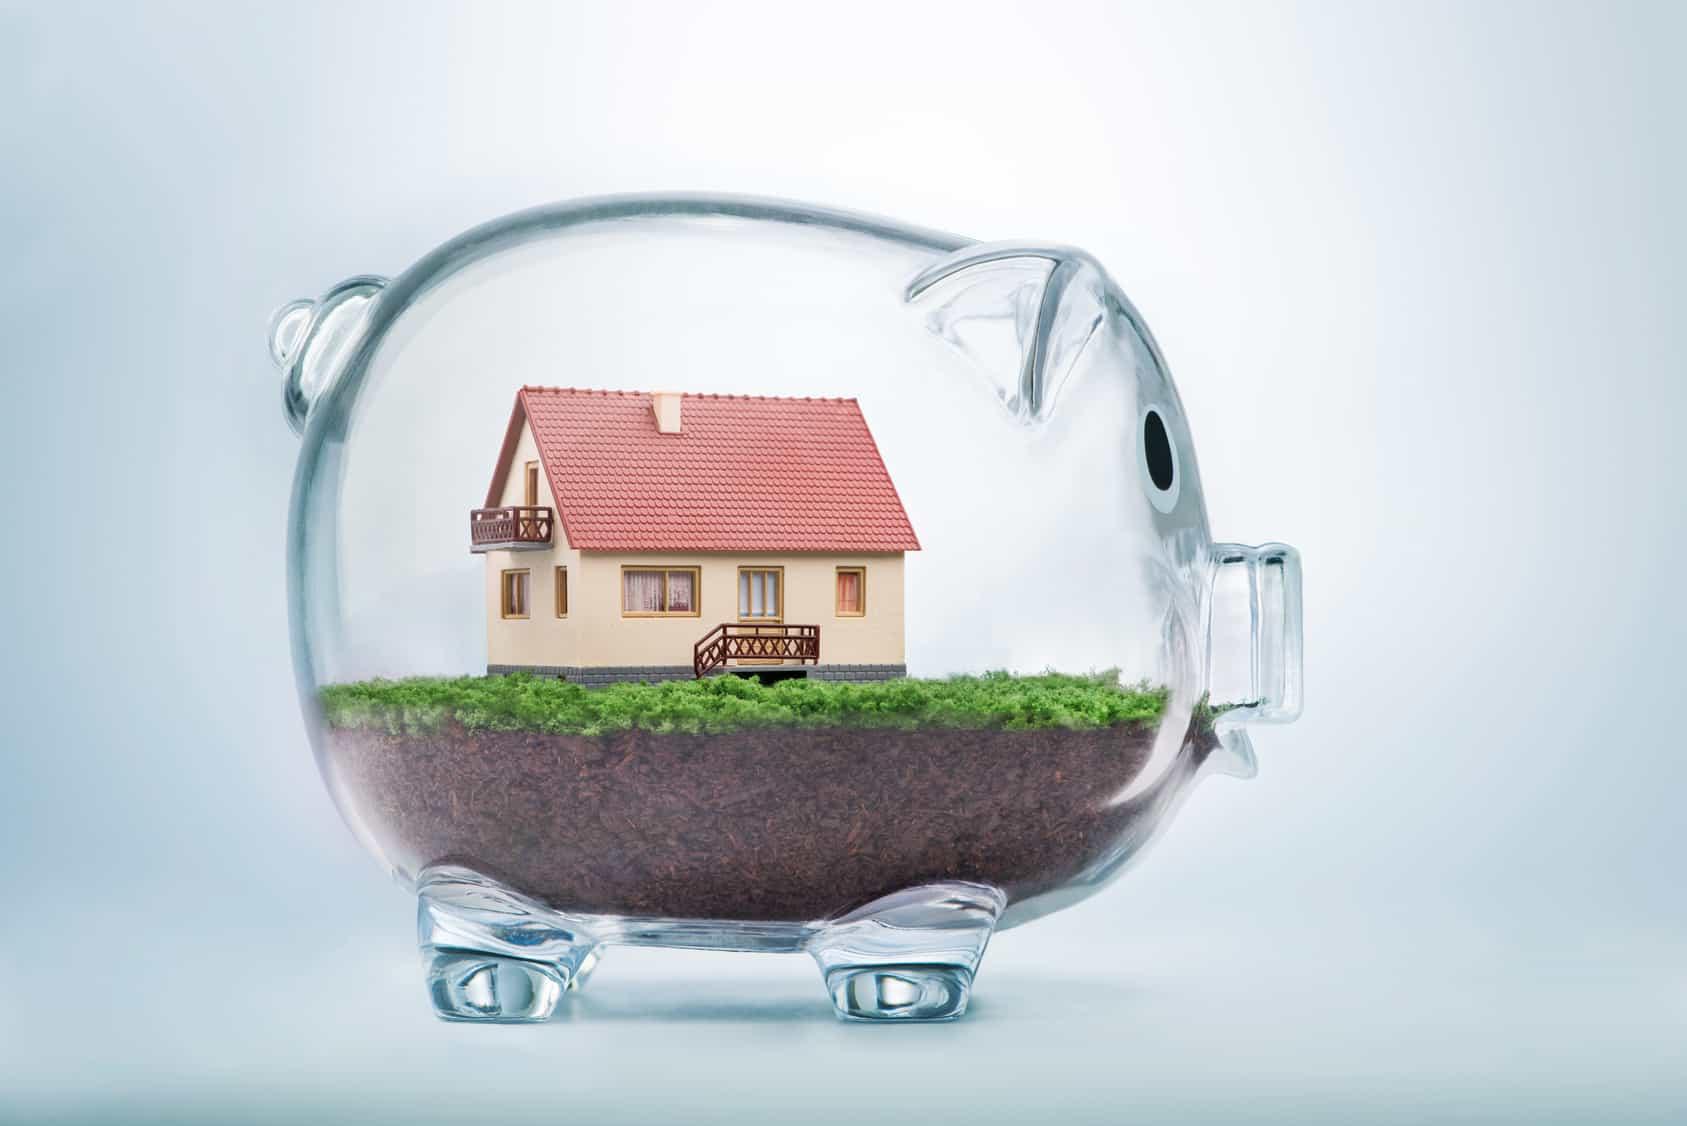 Kaufen oder mieten? Ein Haus im gläsernen Sparschwein